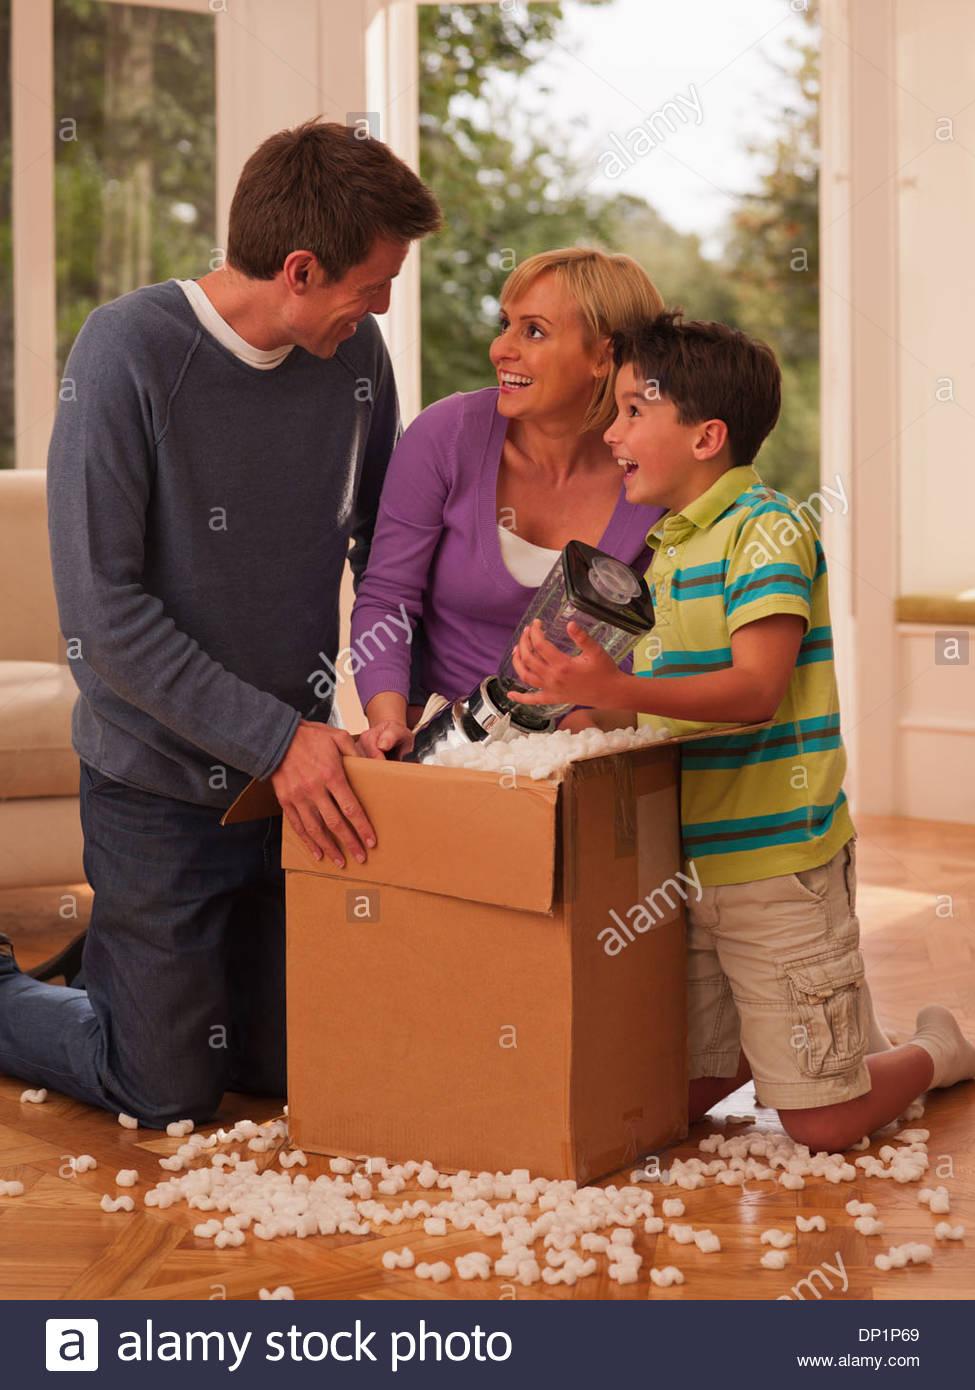 Cuadro de apertura de la familia en el salón Imagen De Stock